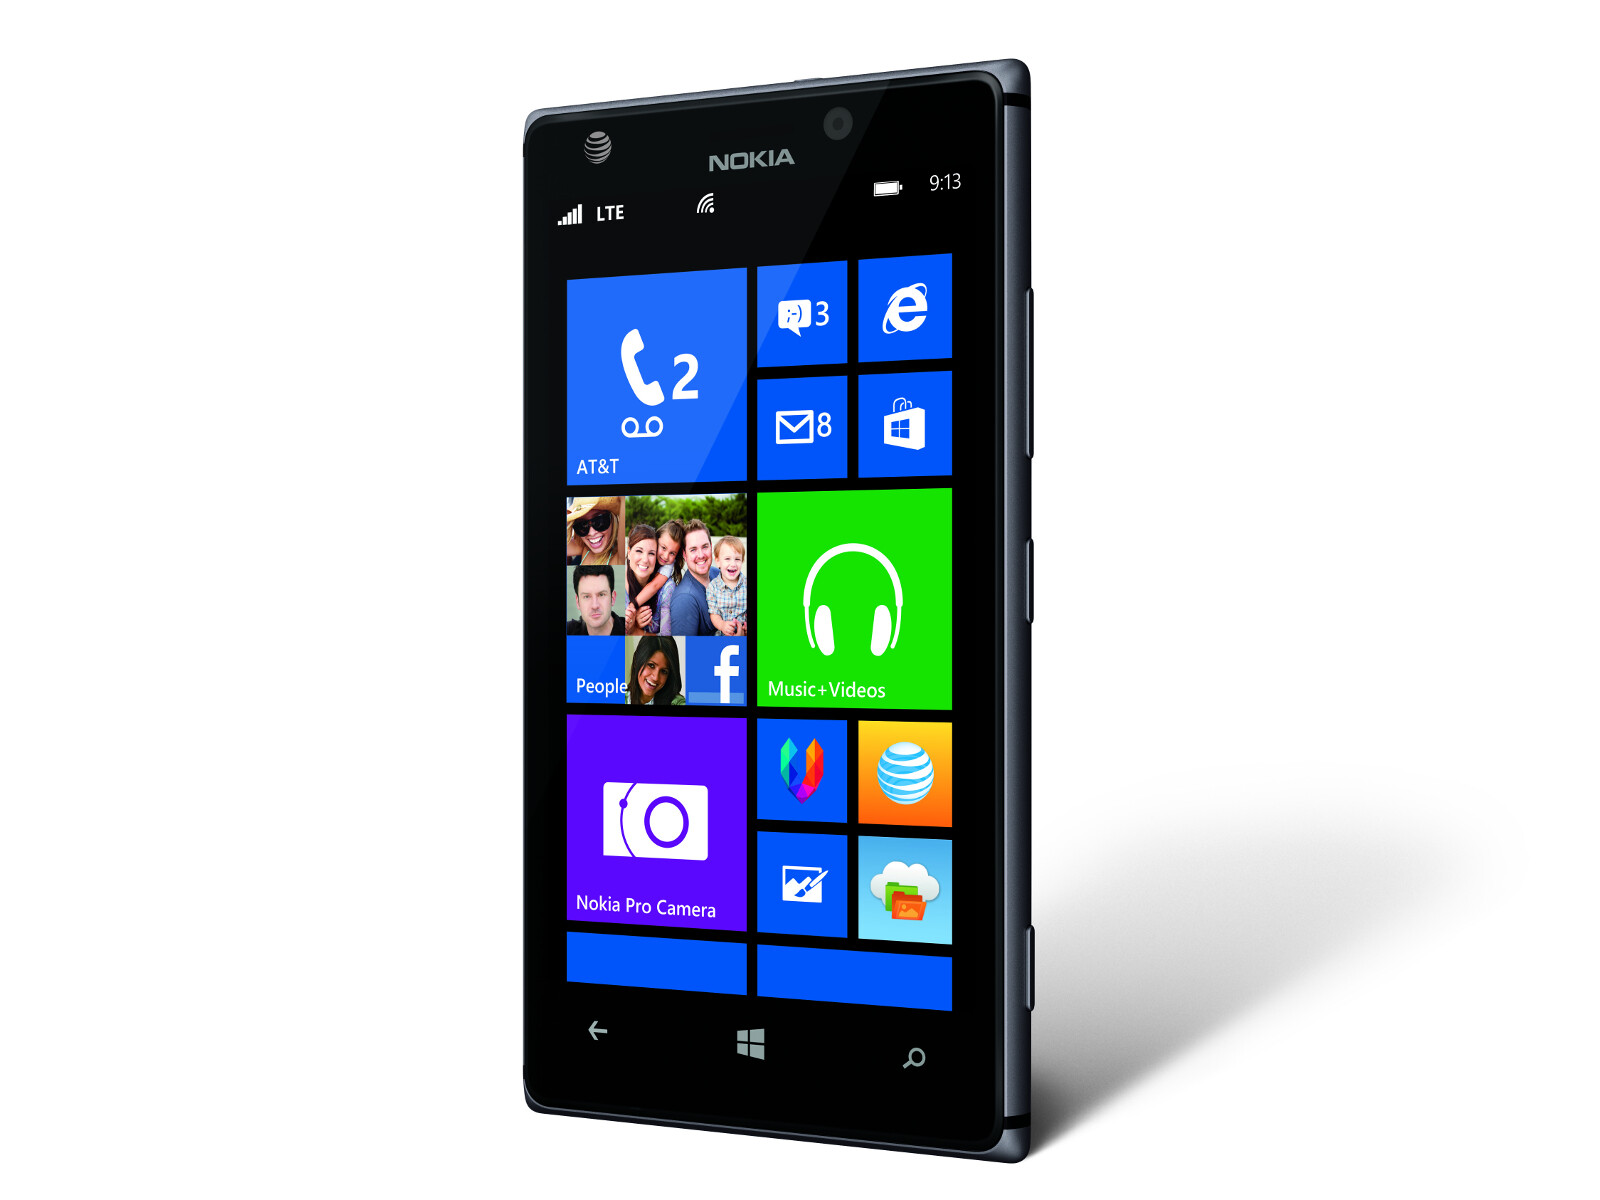 снимки с nokia lumia 925